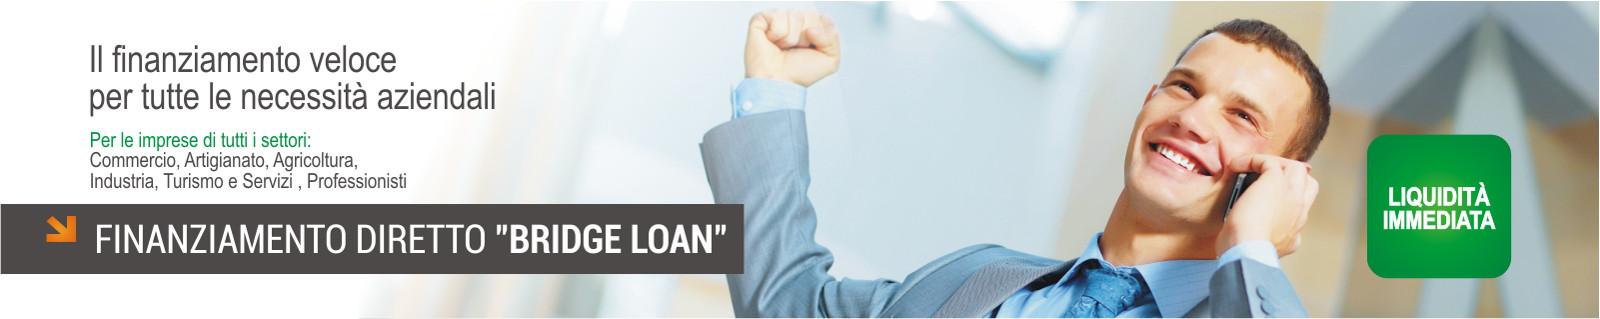 finanziamento-diretto-bridge-loan- Confeserfidi